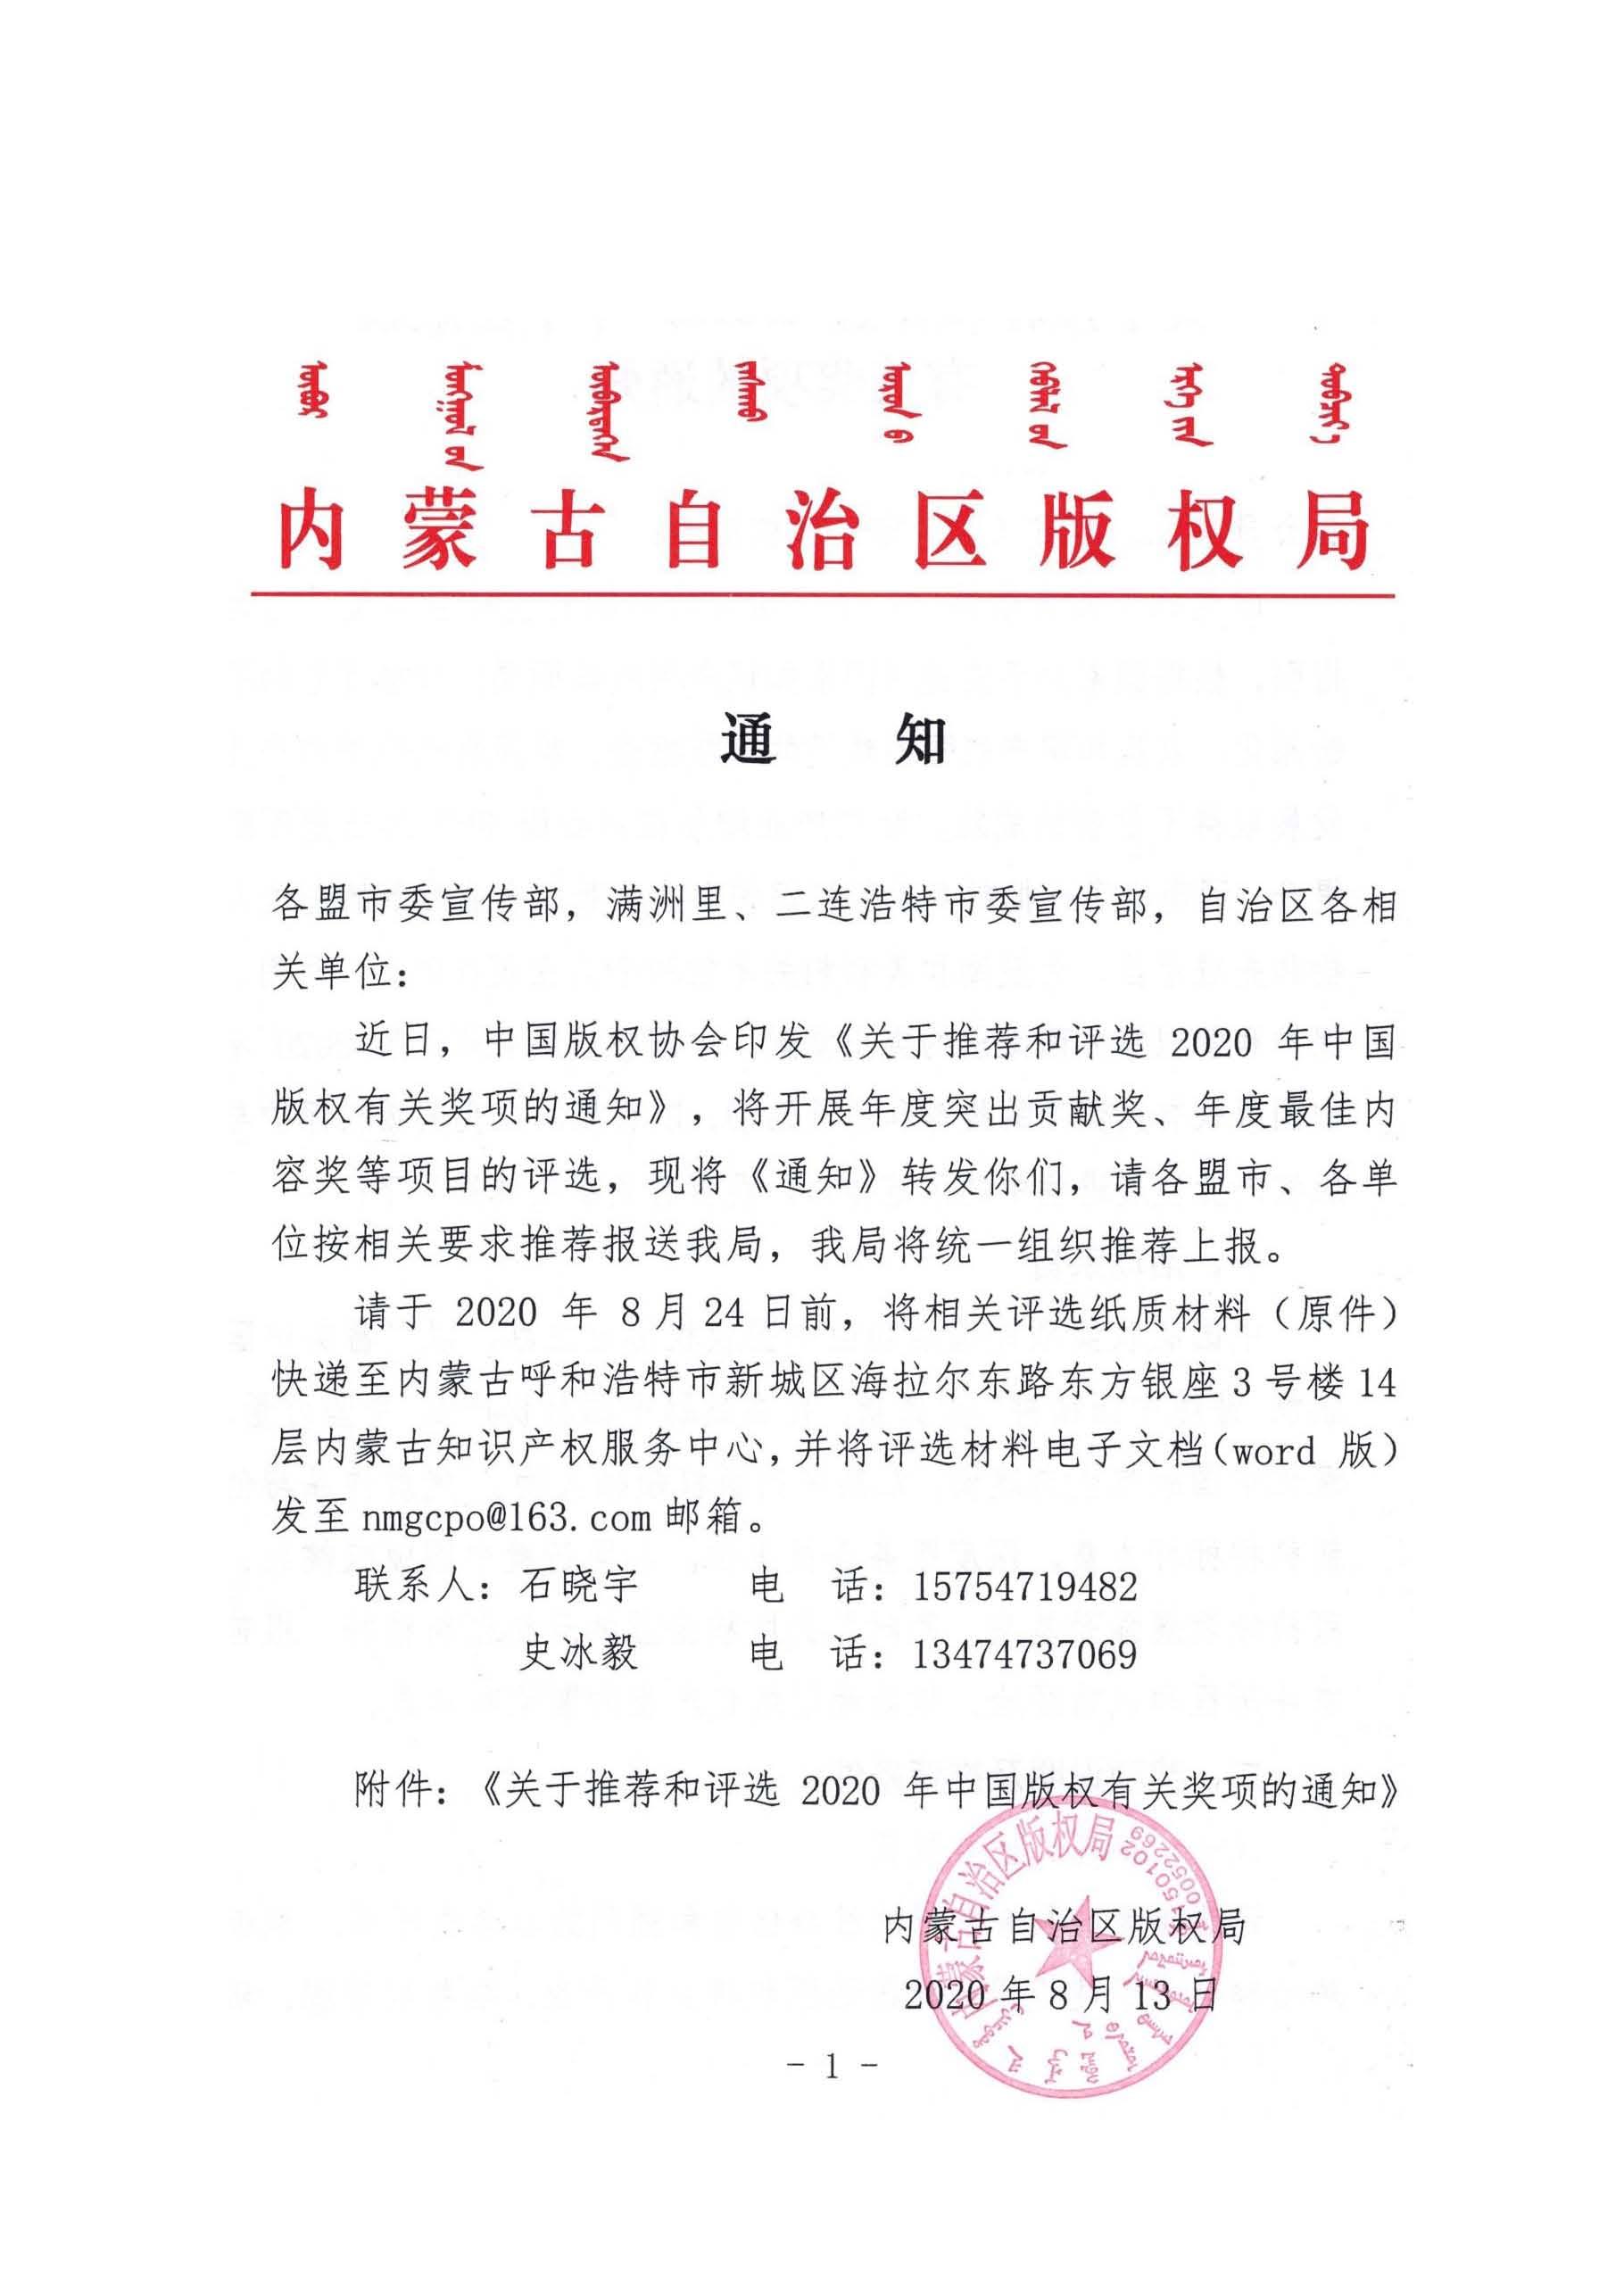 2020-08-11关于推荐和评选2020年中国版权奖项的通知-转发版_页面_1.jpg